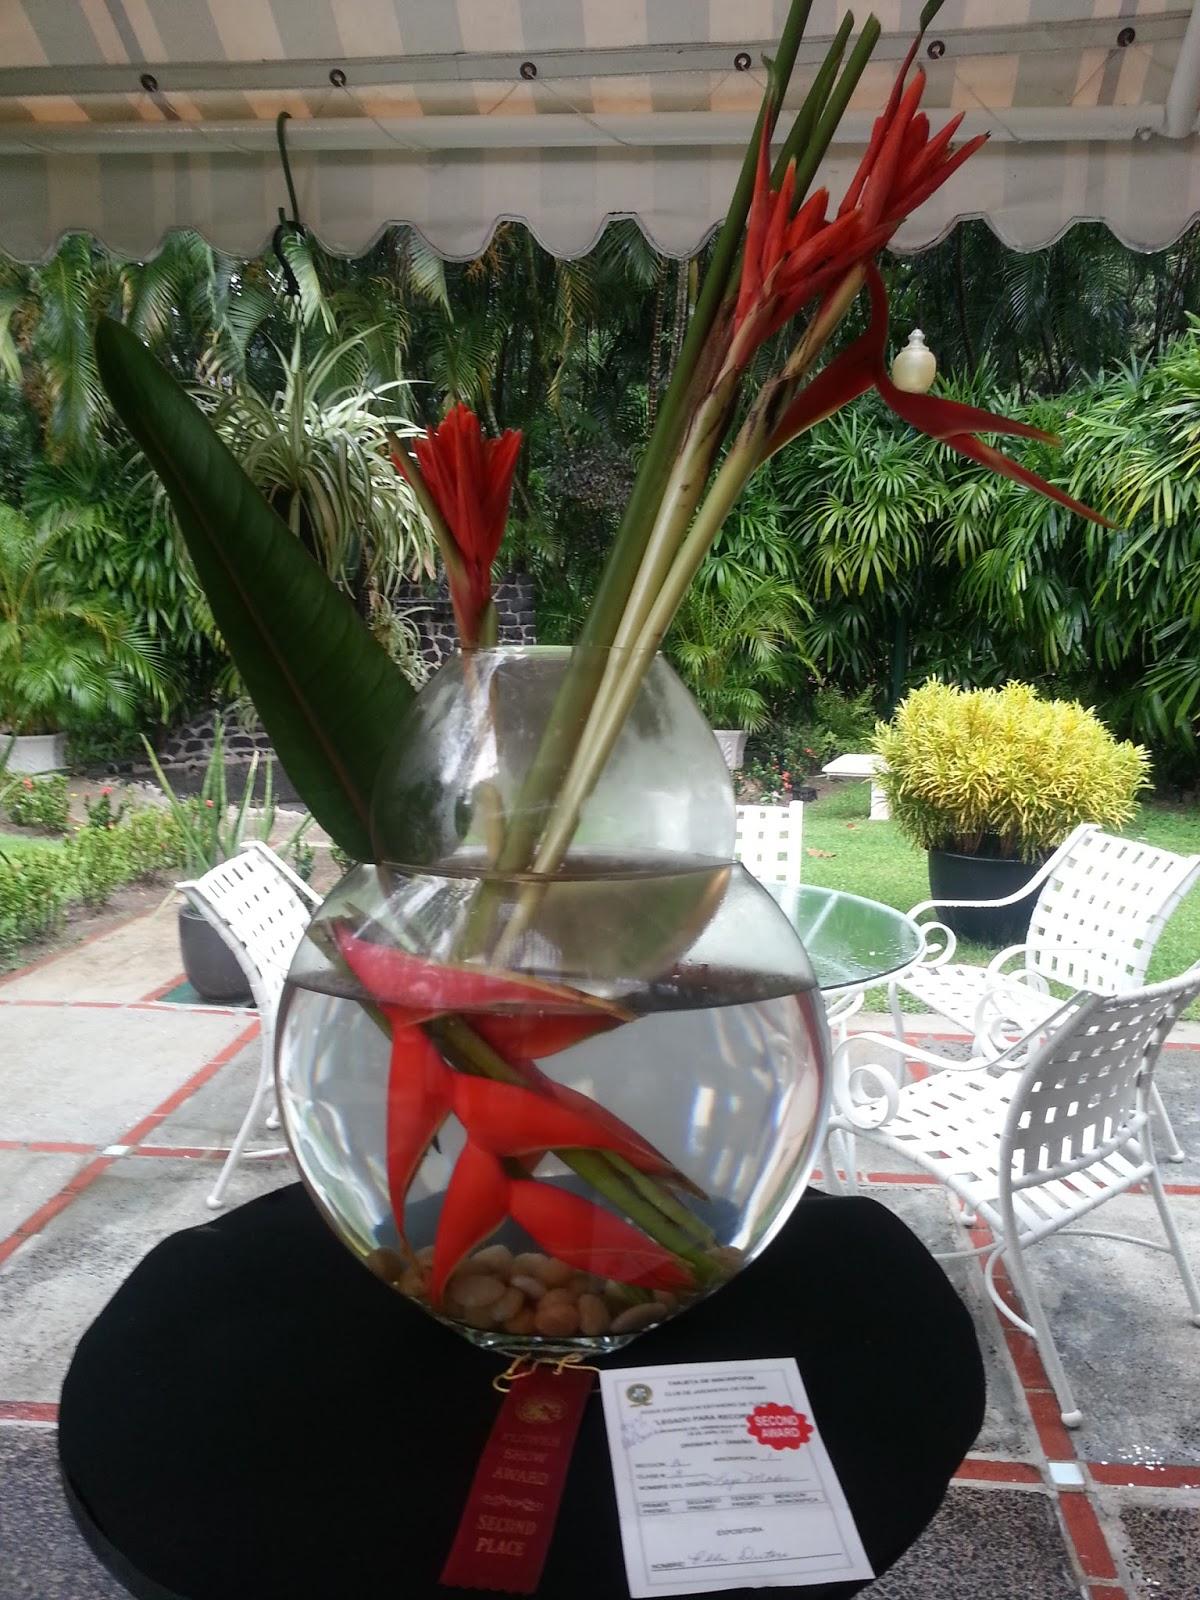 Arreglos florales creativos dise os sumergido o bajo agua - Arreglos florales creativos ...